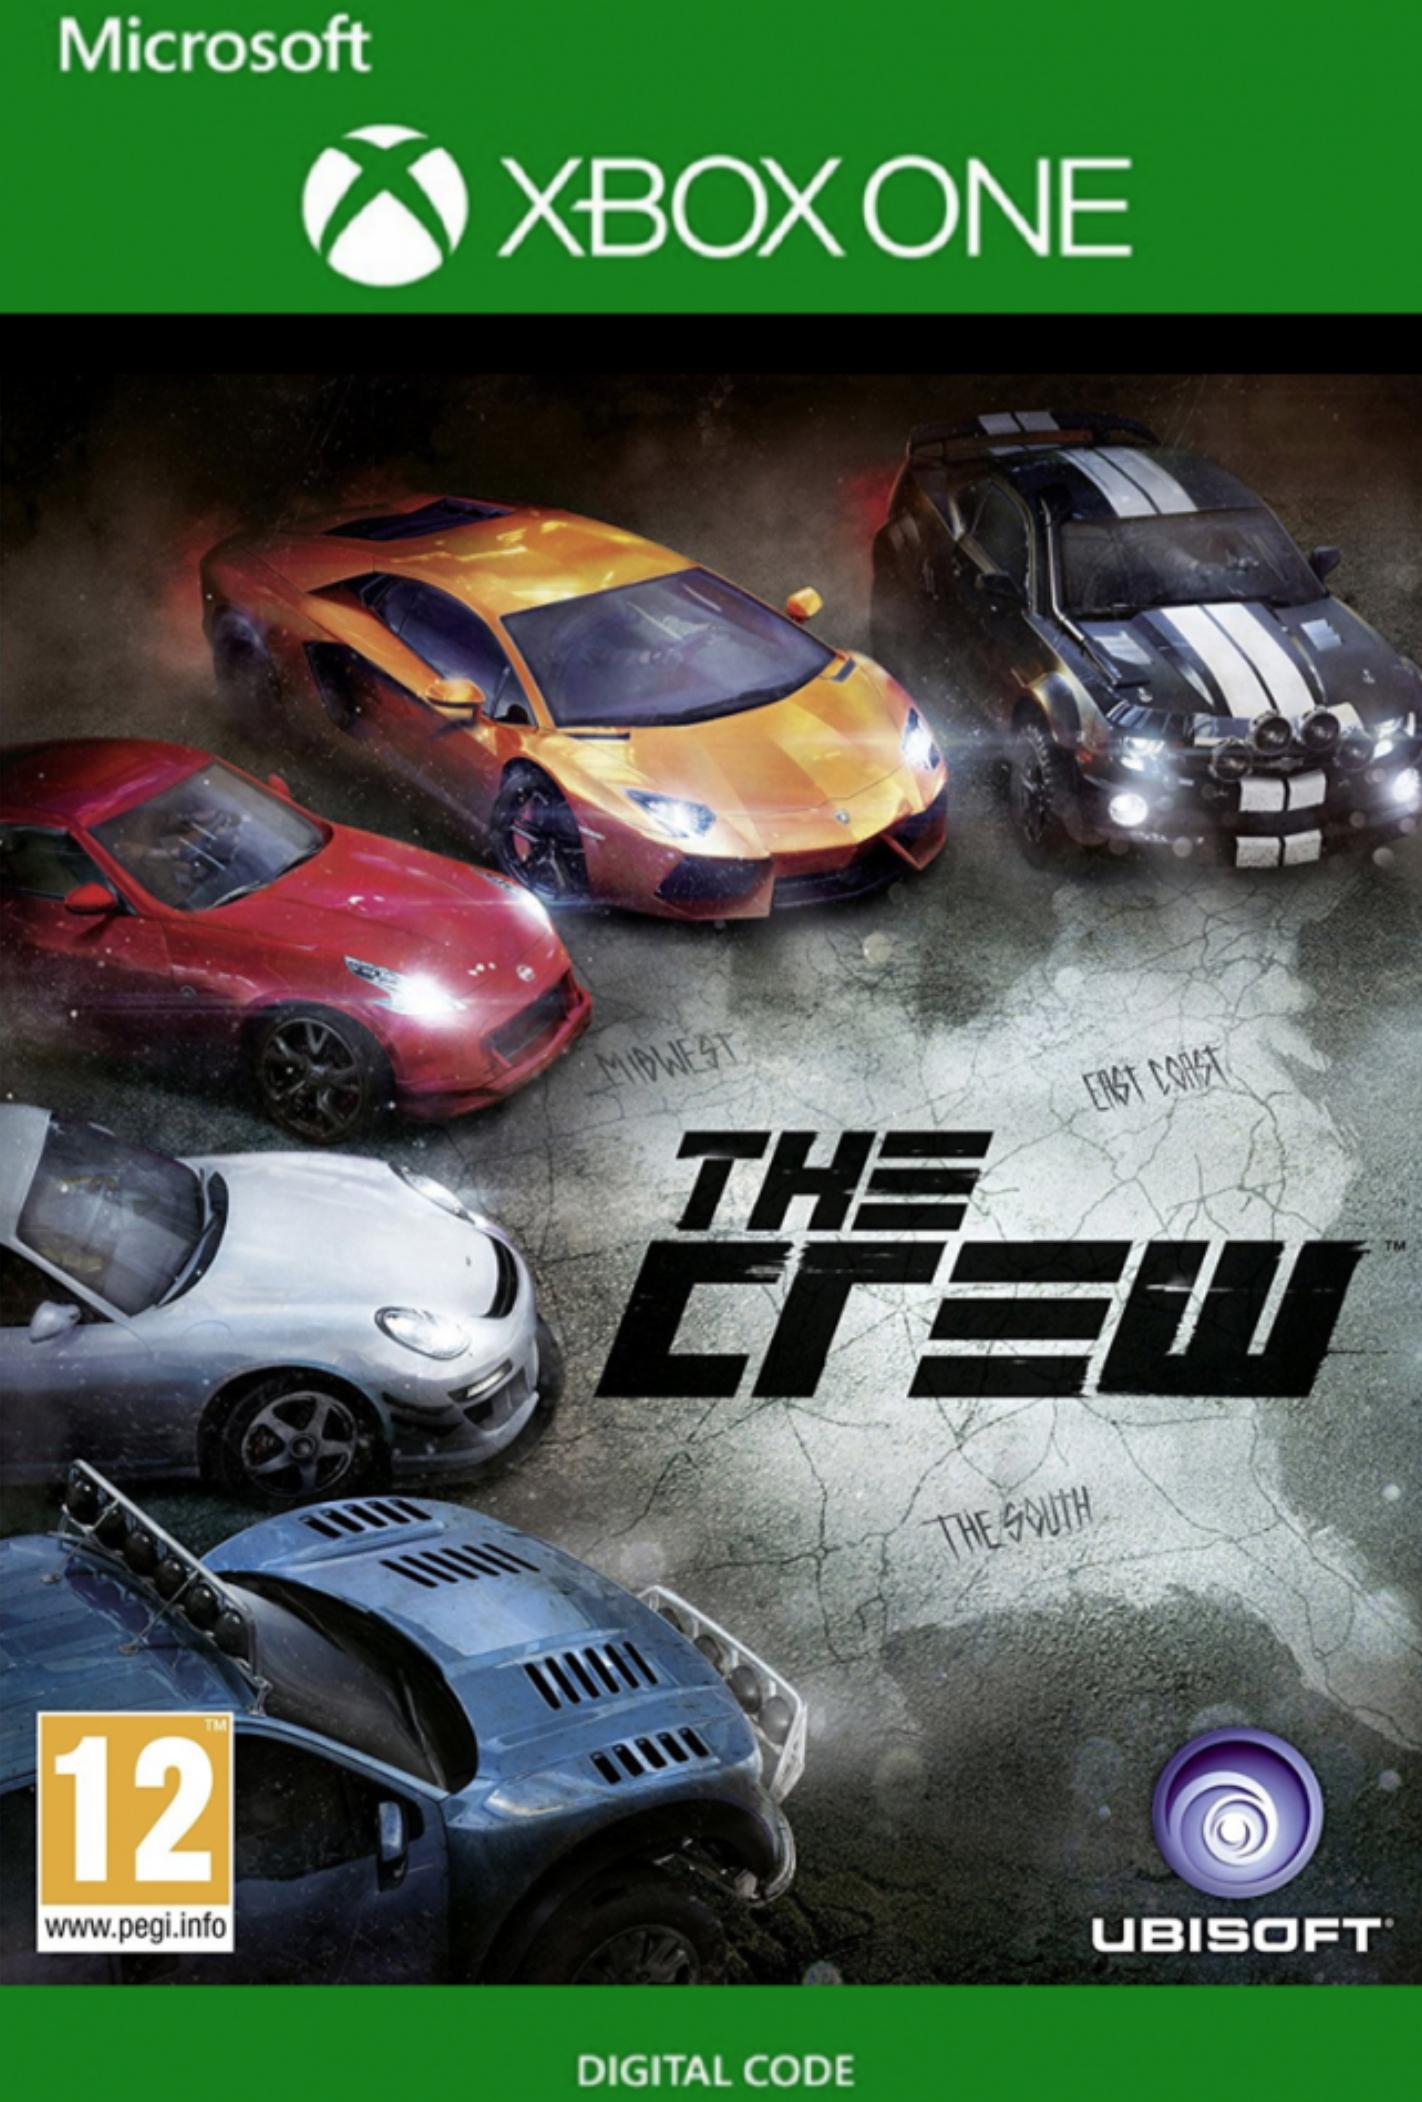 Xbox One The Crew now £3.79 @ cdkeys